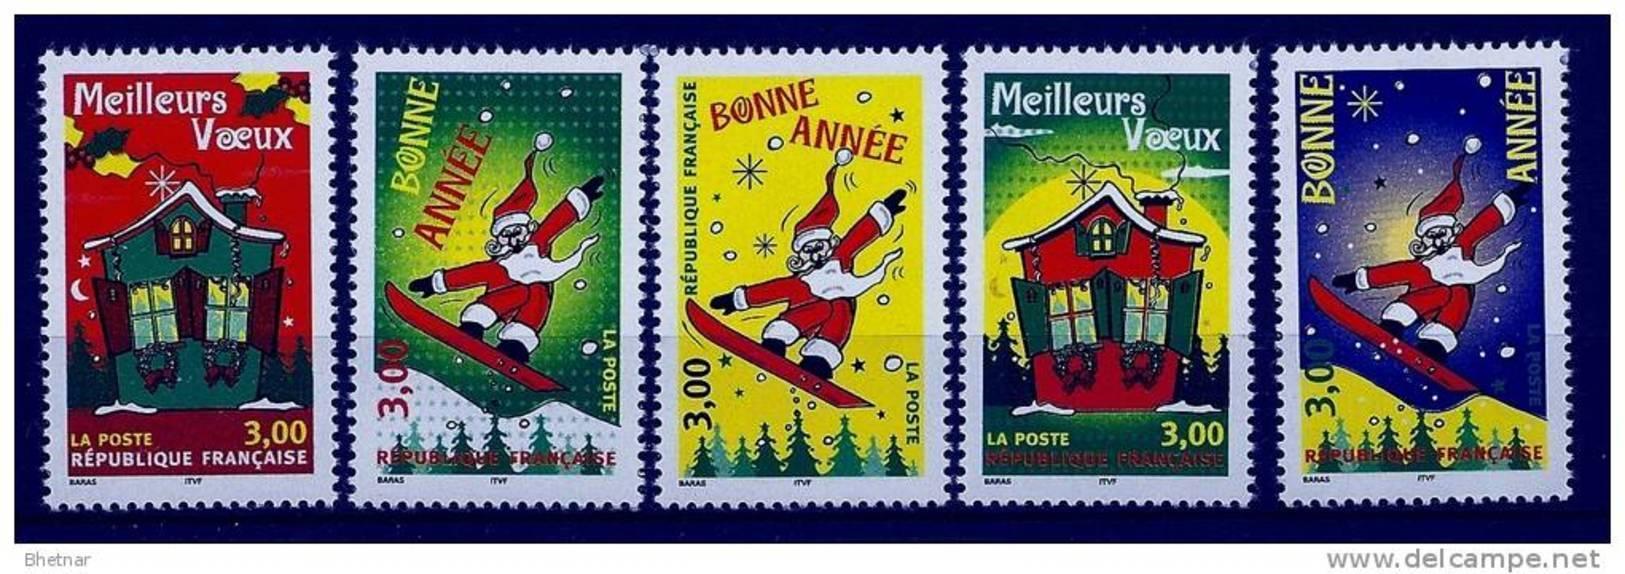 """FR YT 3200 à 3204  """" Meilleurs Voeux """" 1998 Neuf** - France"""